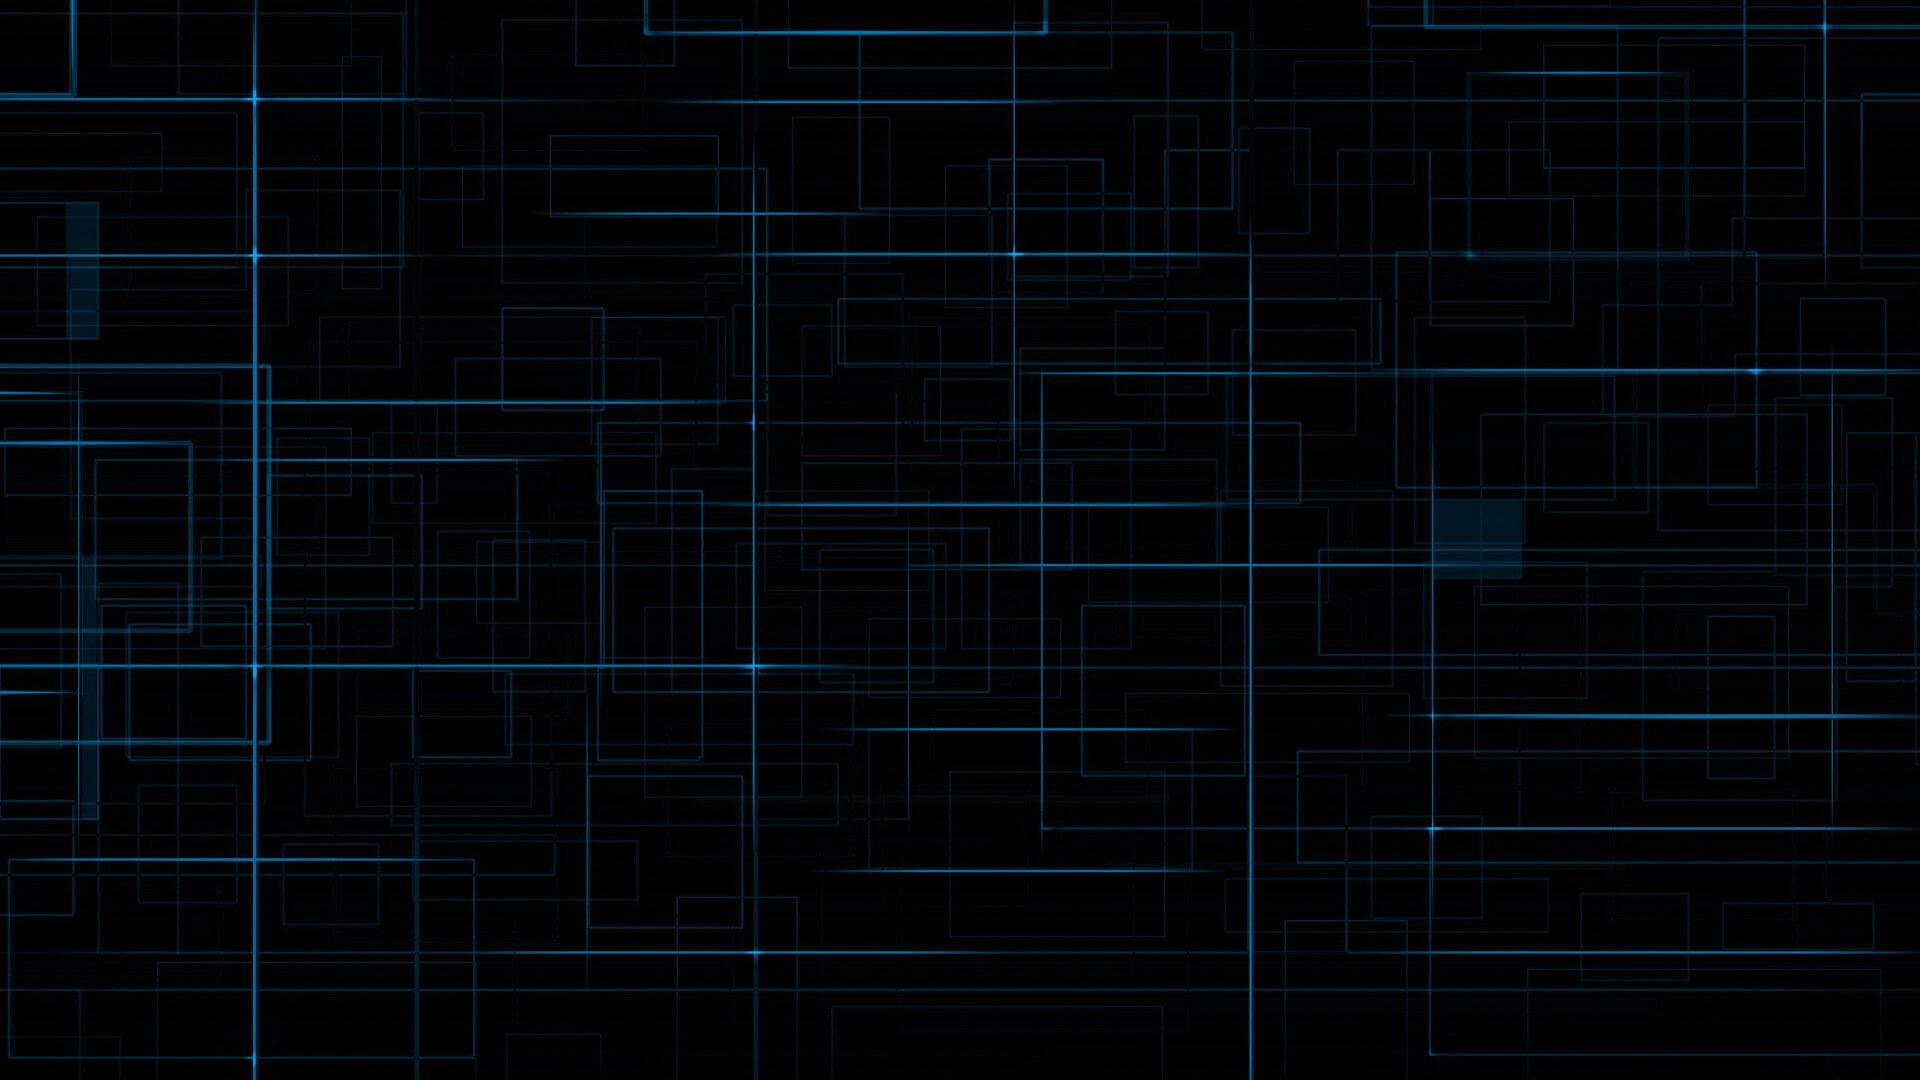 Apple Wallpaper Backgrounds Black White